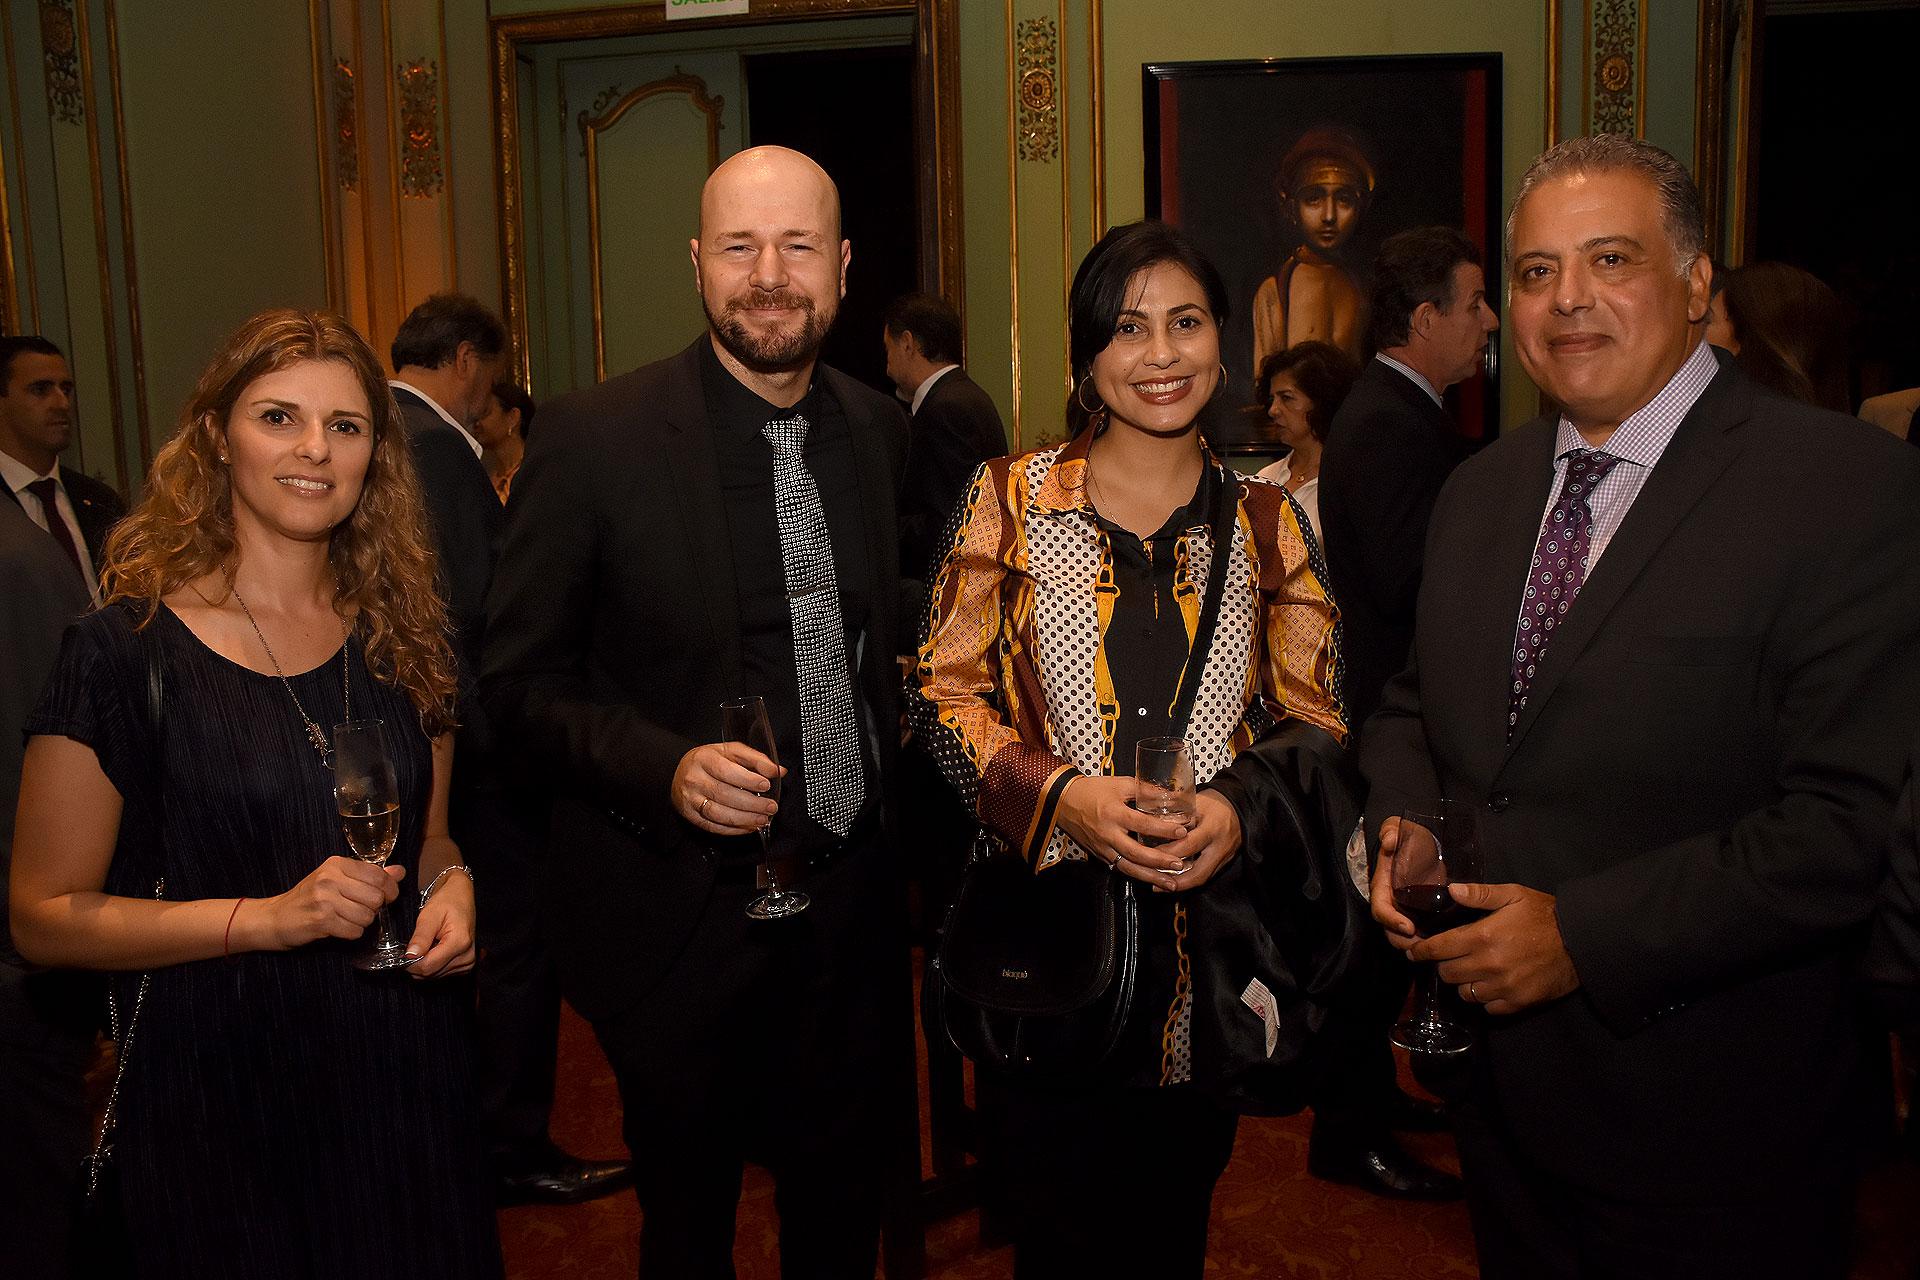 La sección consular de la embajada de Israel junto a embajador de Egipto en Argentina